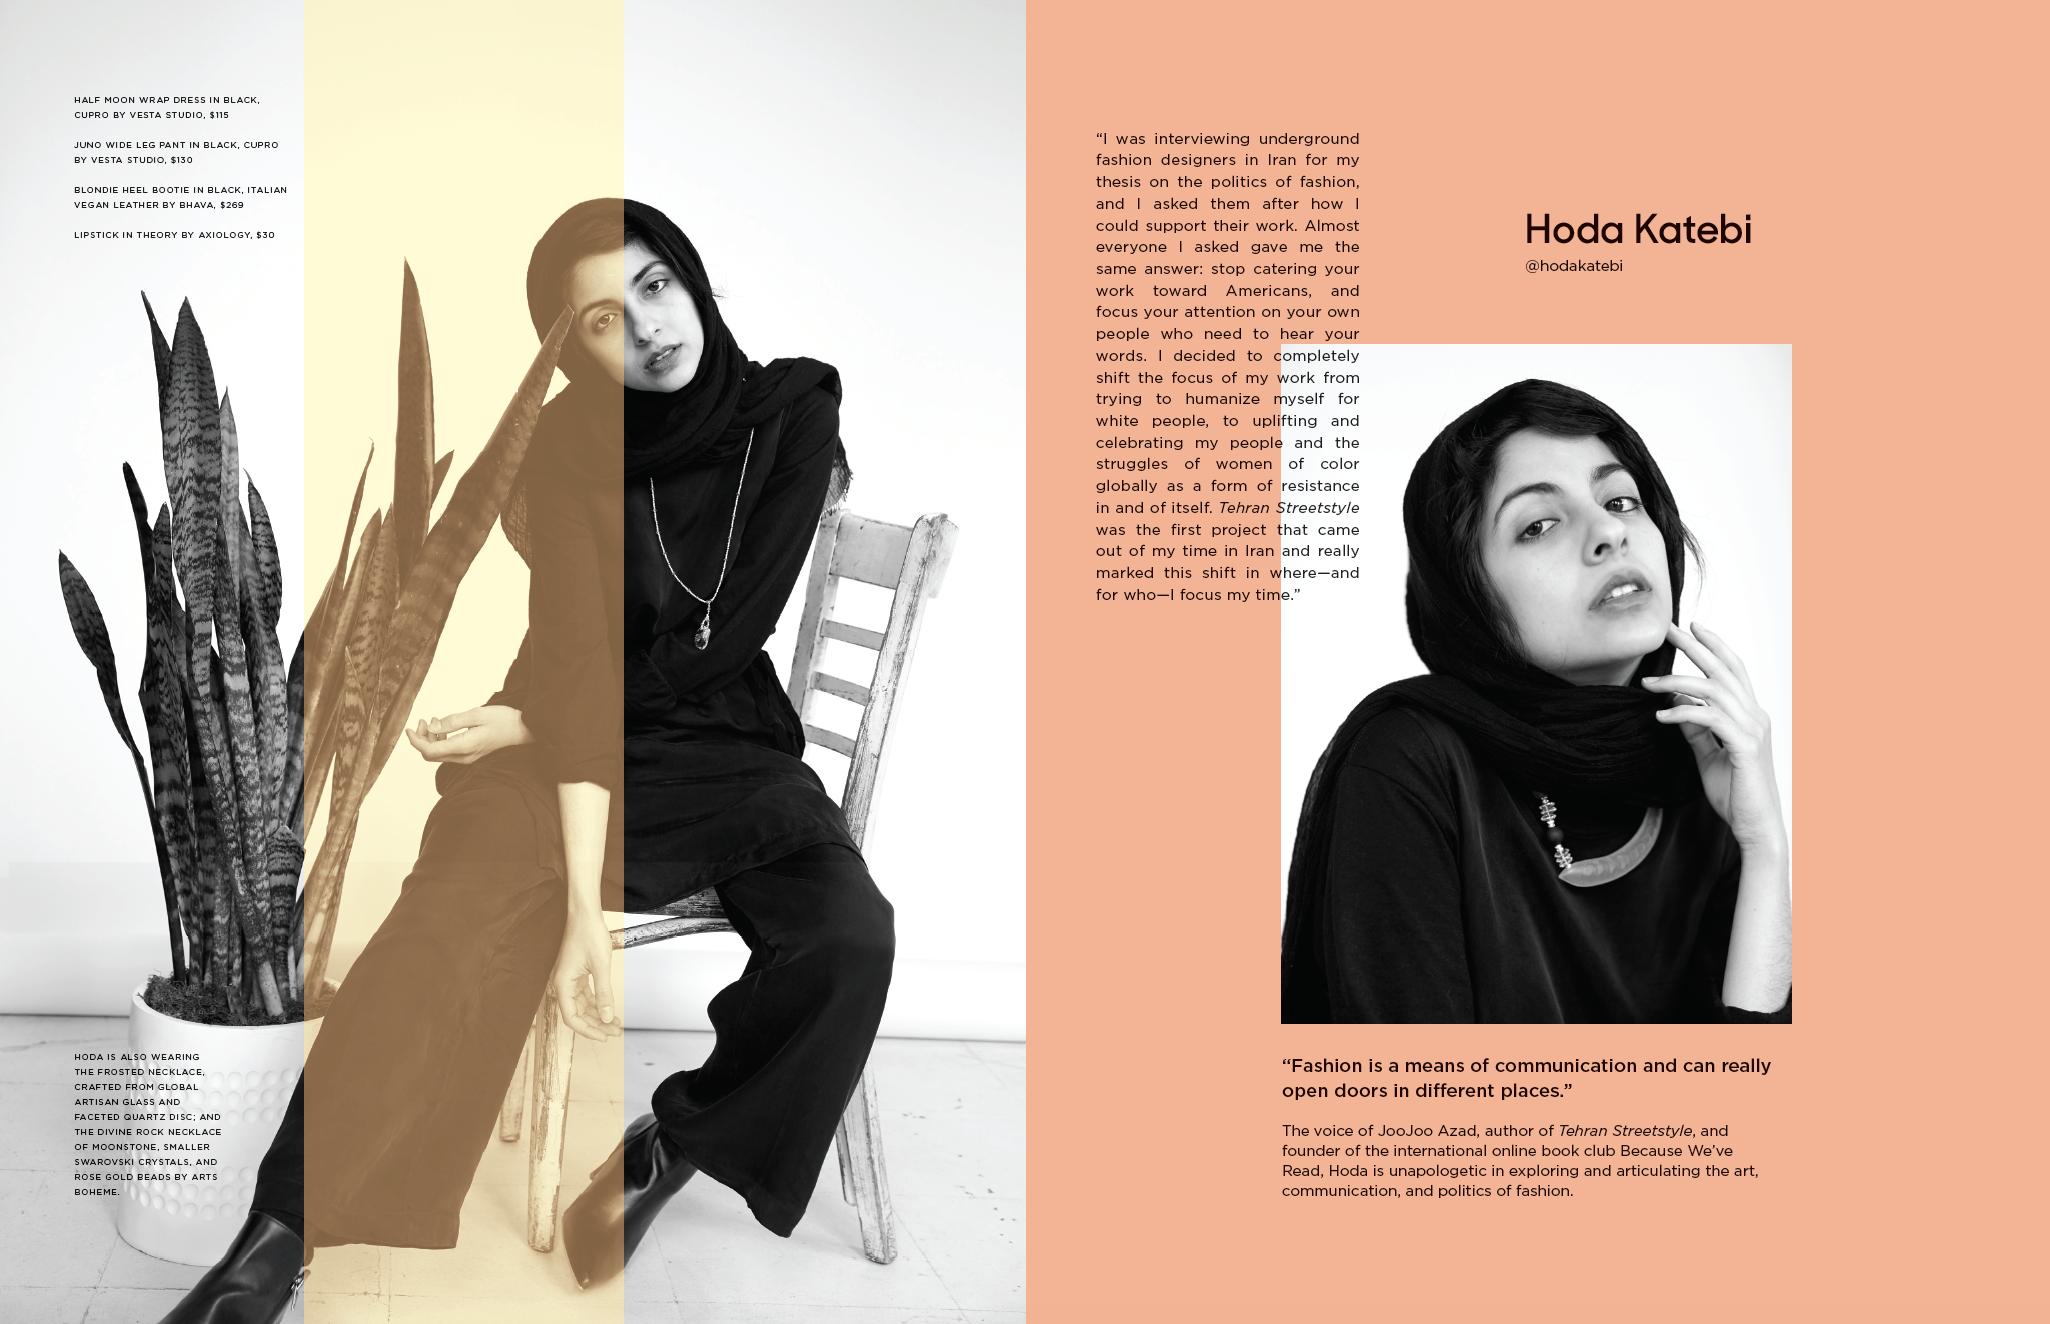 Hoda_Katebi_Ethical_Style_Journal.png